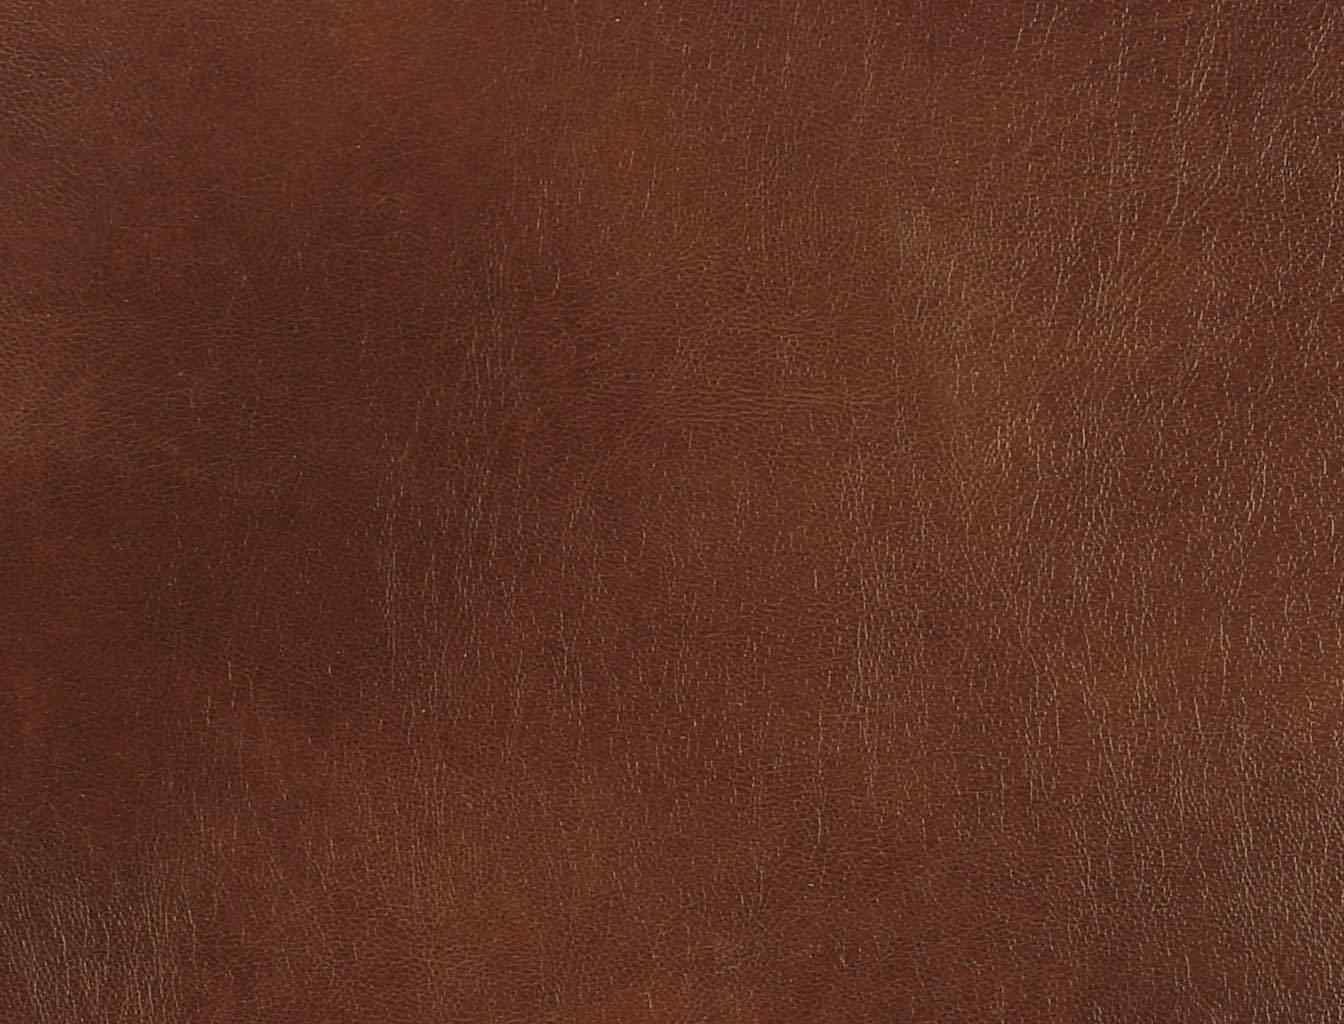 Cowtown Brown Waterproof Vinyl Fabric Vinyl Fabric Stain Resistant Vinyl